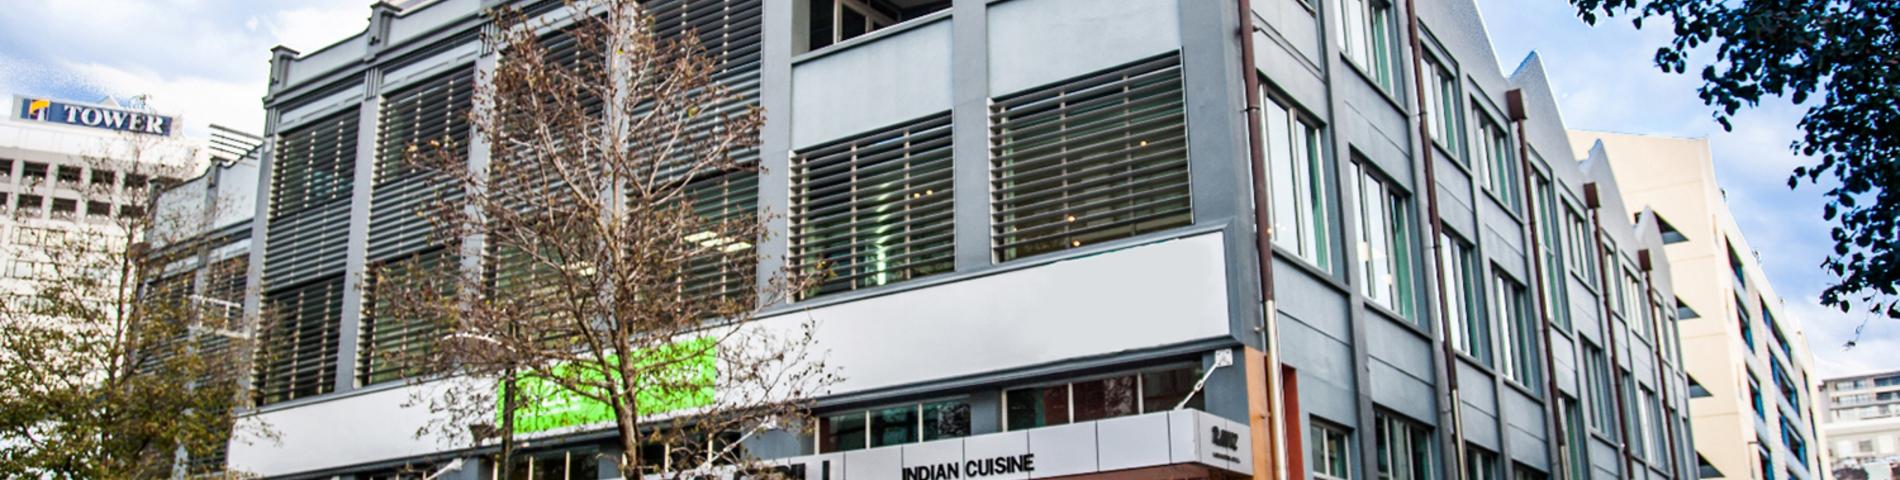 Imatge 1 de l'escola NZLC New Zealand Language Centres